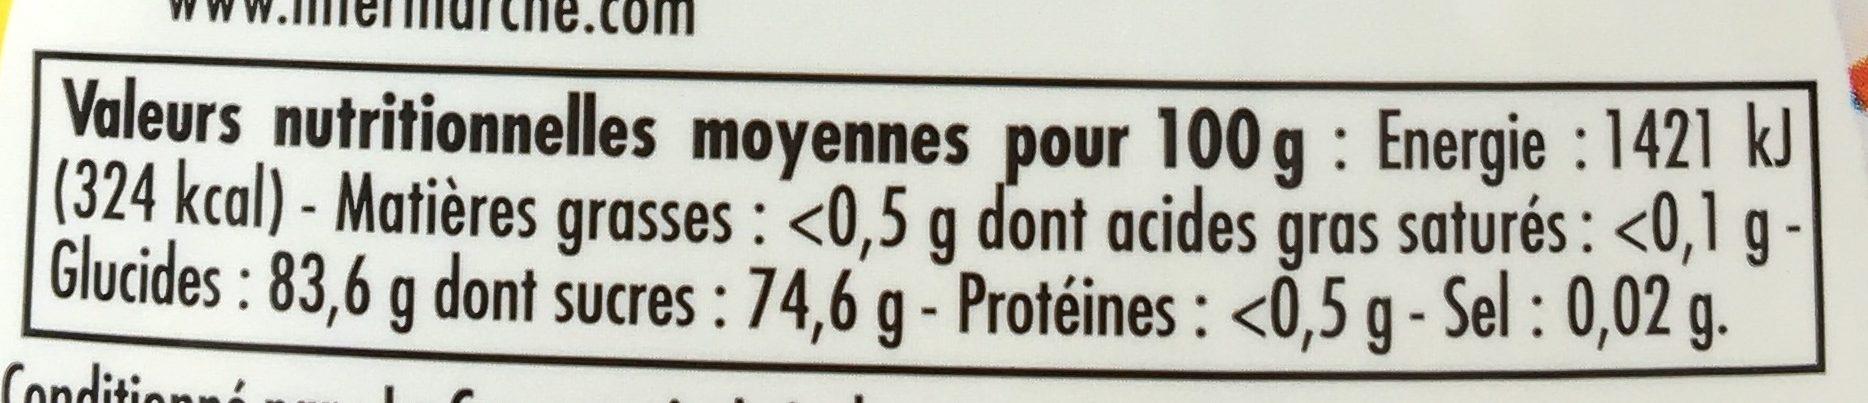 Miel de fleurs - Nutrition facts